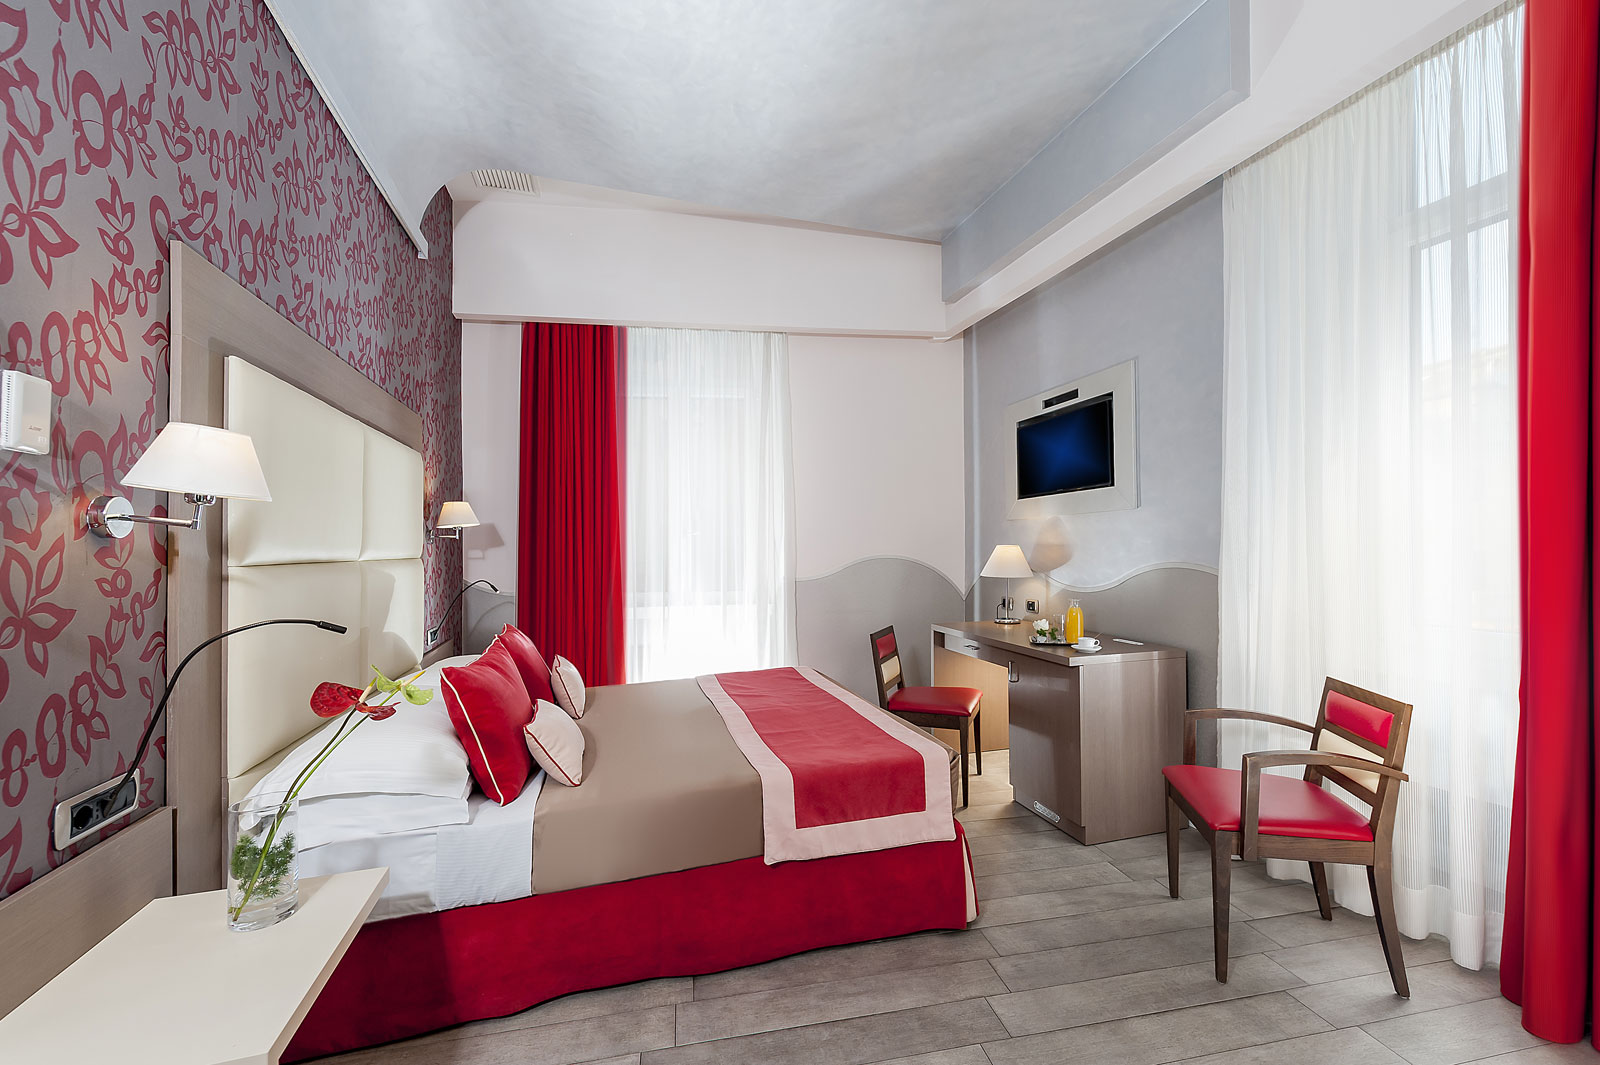 2 stjernede hoteller i paris